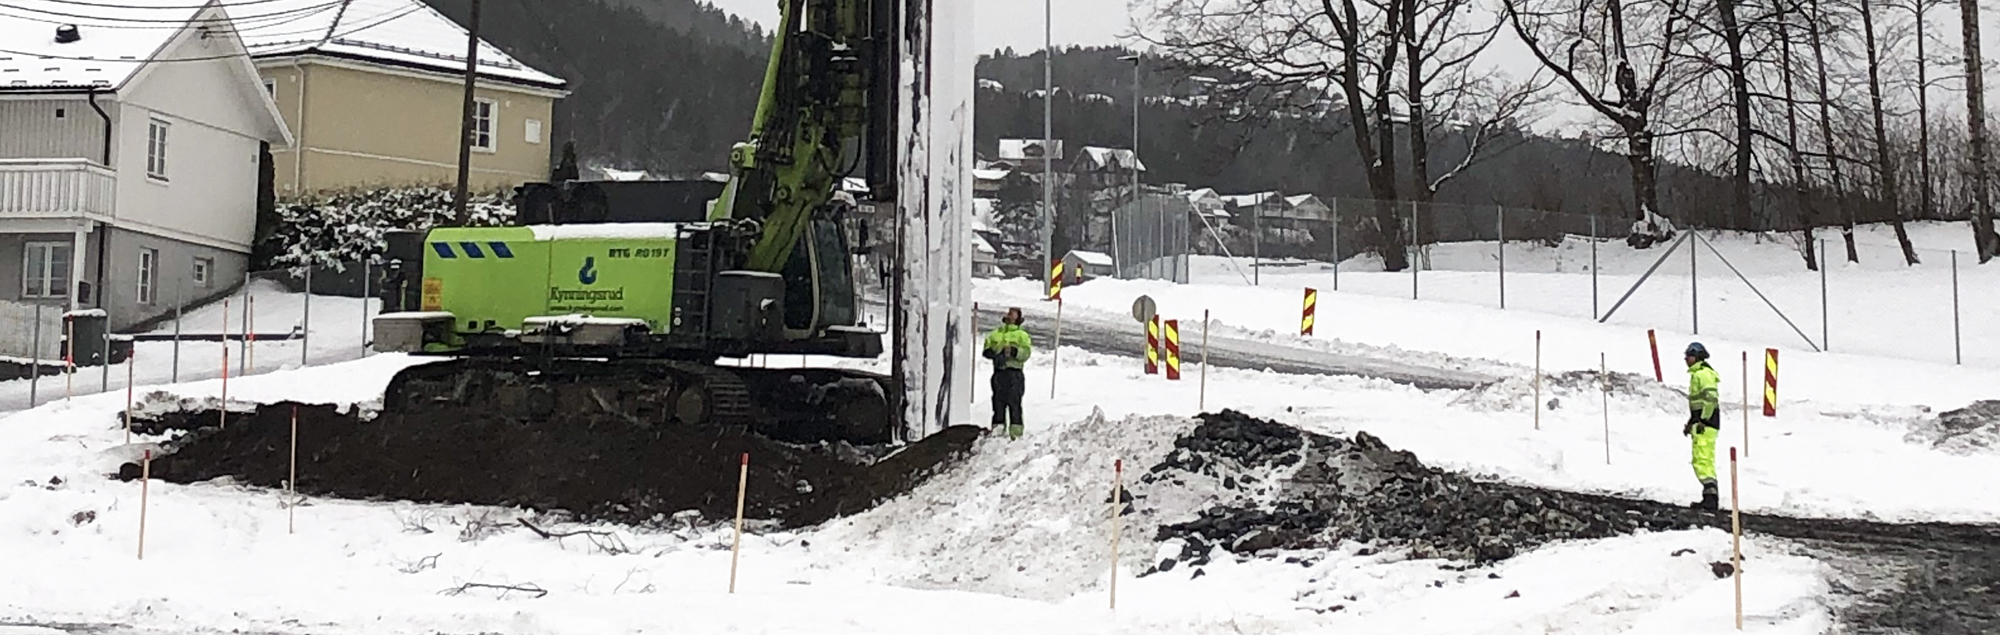 Dobbeltspor Vestfoldbanen: Fundamenterer kulvert